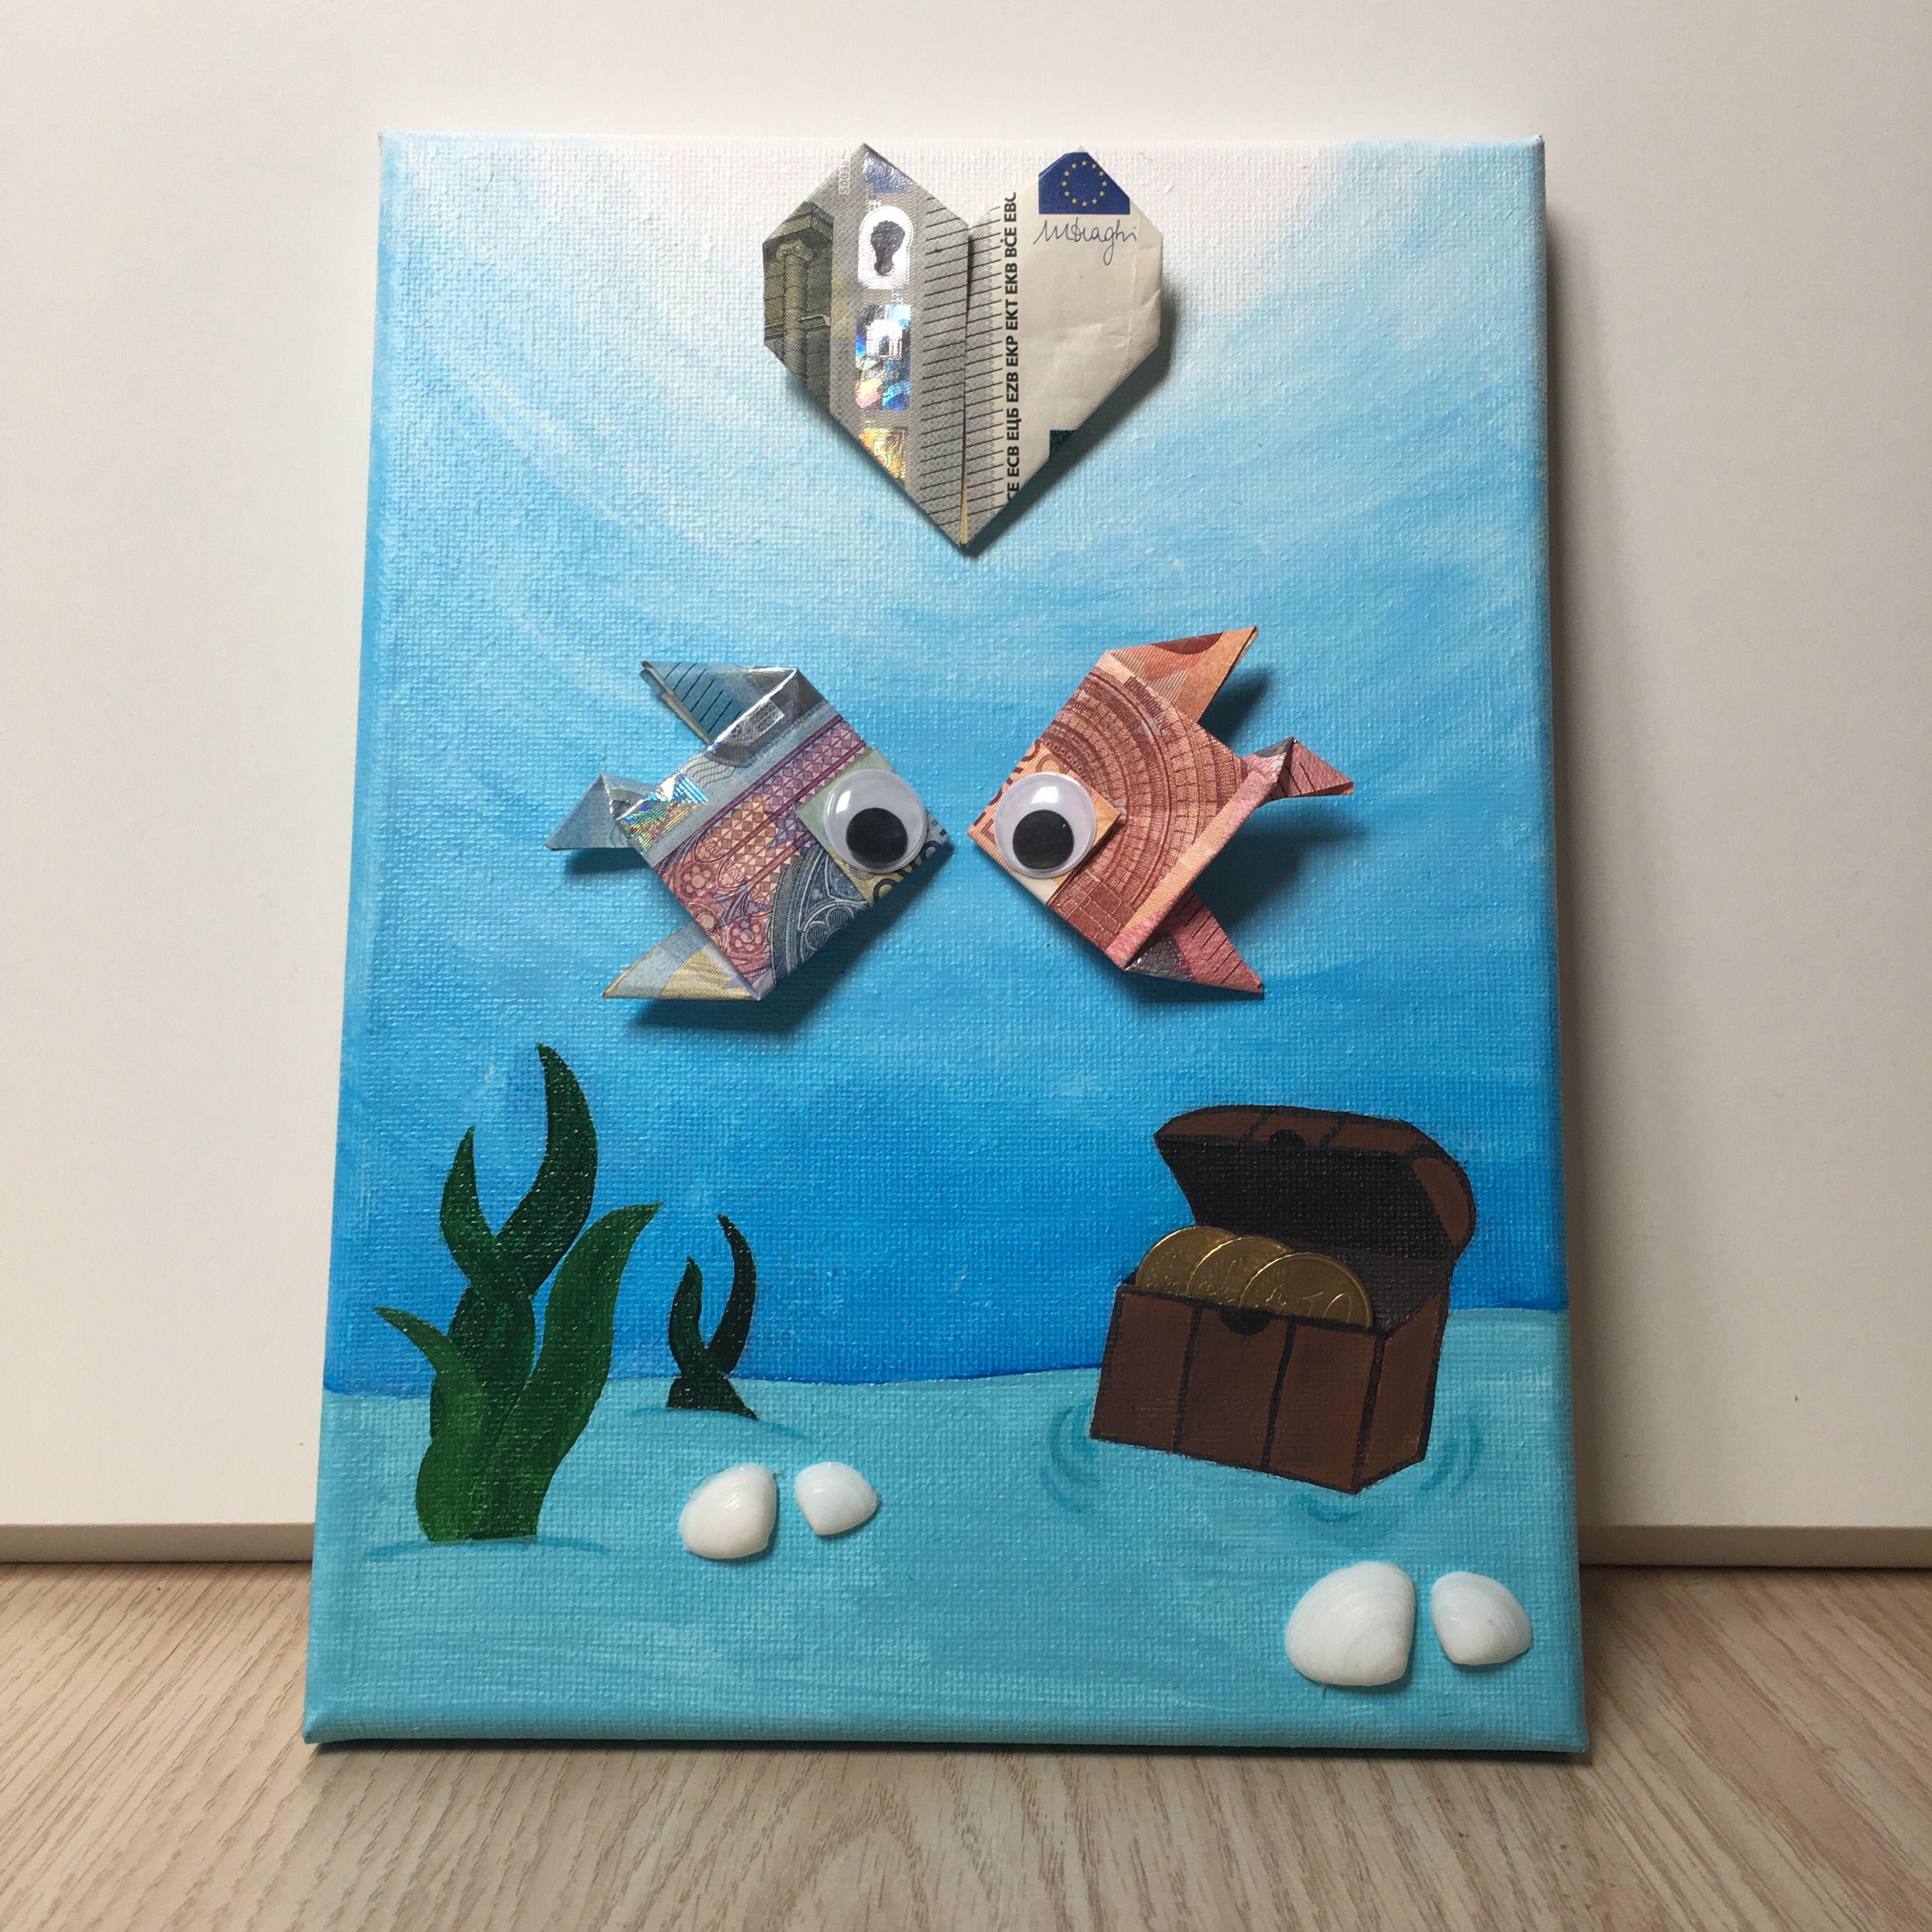 Bruiloft cadeau #geld #vouwen #vissen #hart | S-iets Creatiefs - photo#35